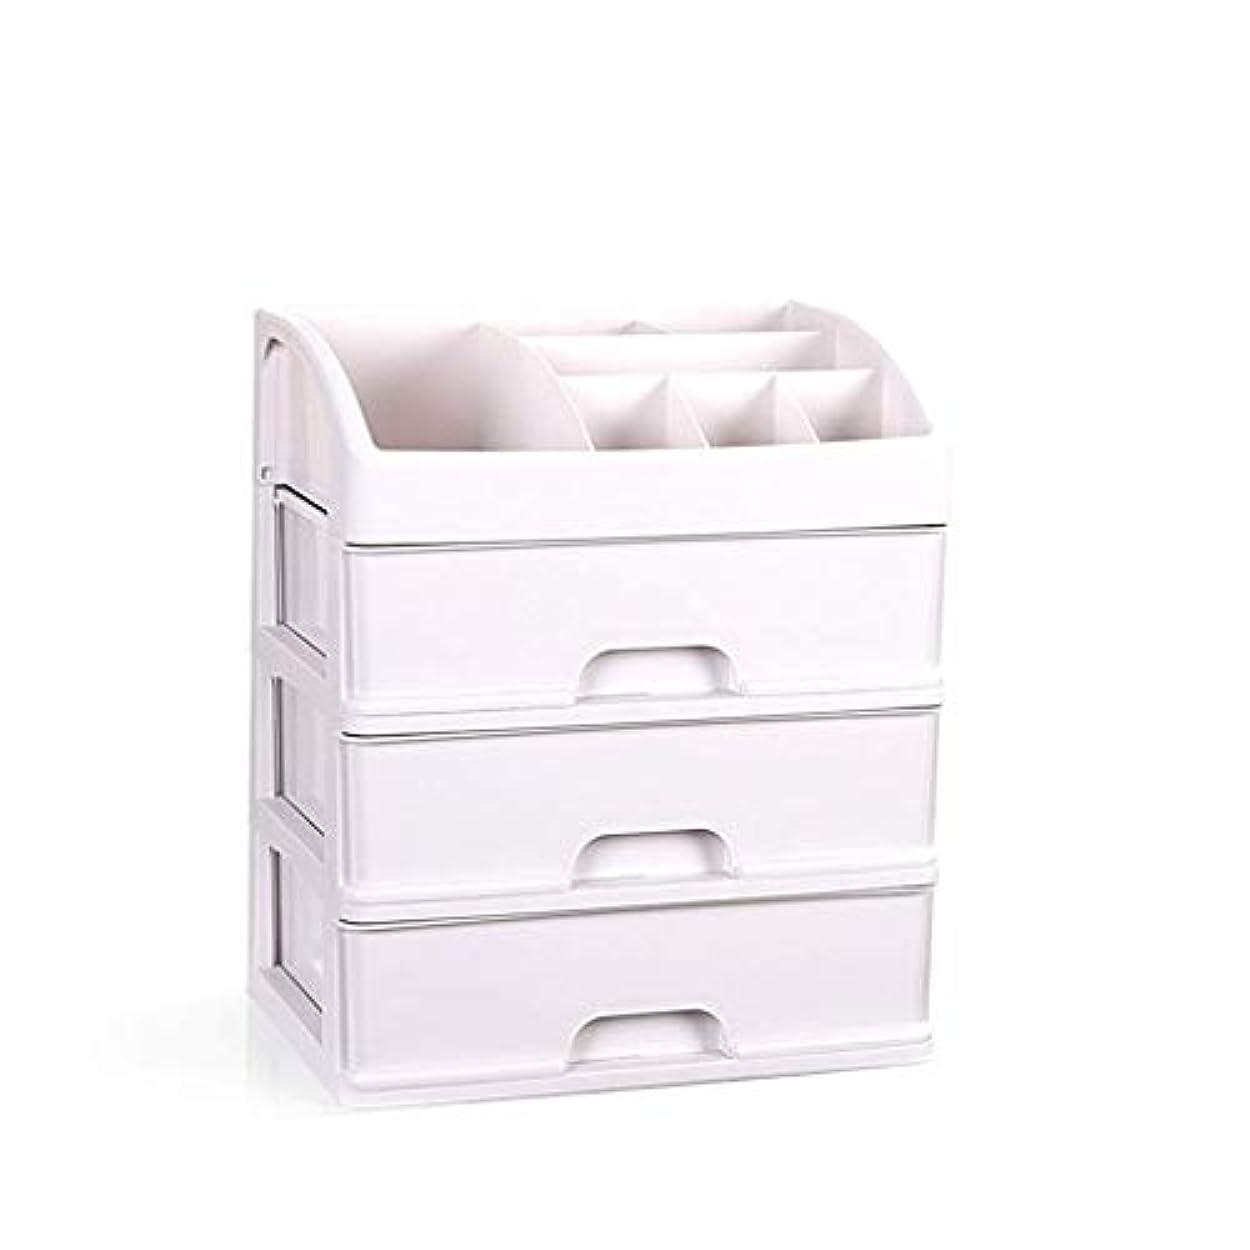 使役差別化するなめらかなデスクトップ化粧品収納ボックススキンケア仕上げボックス特大